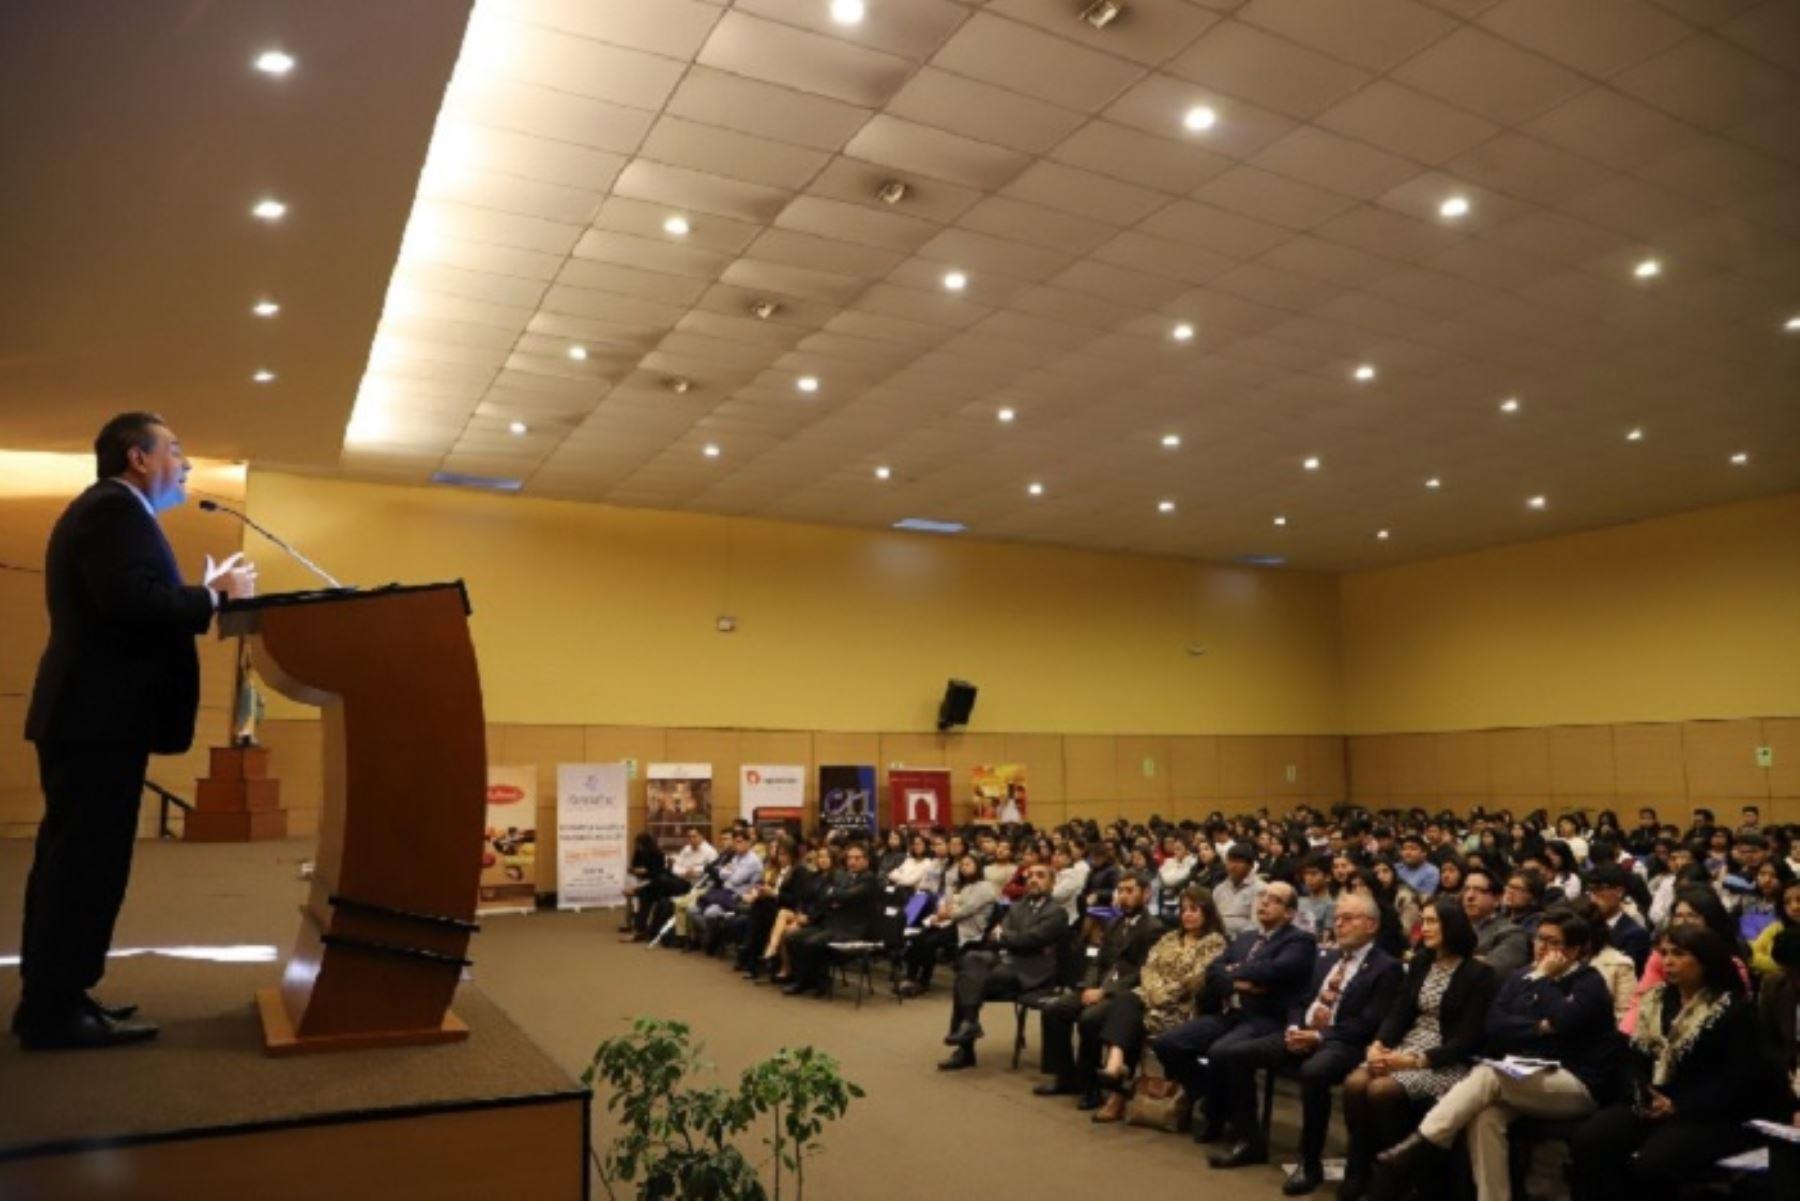 Arequipa podría exportar por más de US$ 7,500 millones al 2021 y aportar a los Objetivos de Desarrollo Sostenible, incentivando el crecimiento del país y reduciendo la pobreza, manifestó el presidente de la Asociación de Exportadores (ADEX), Alfonso Velásquez Tuesta.